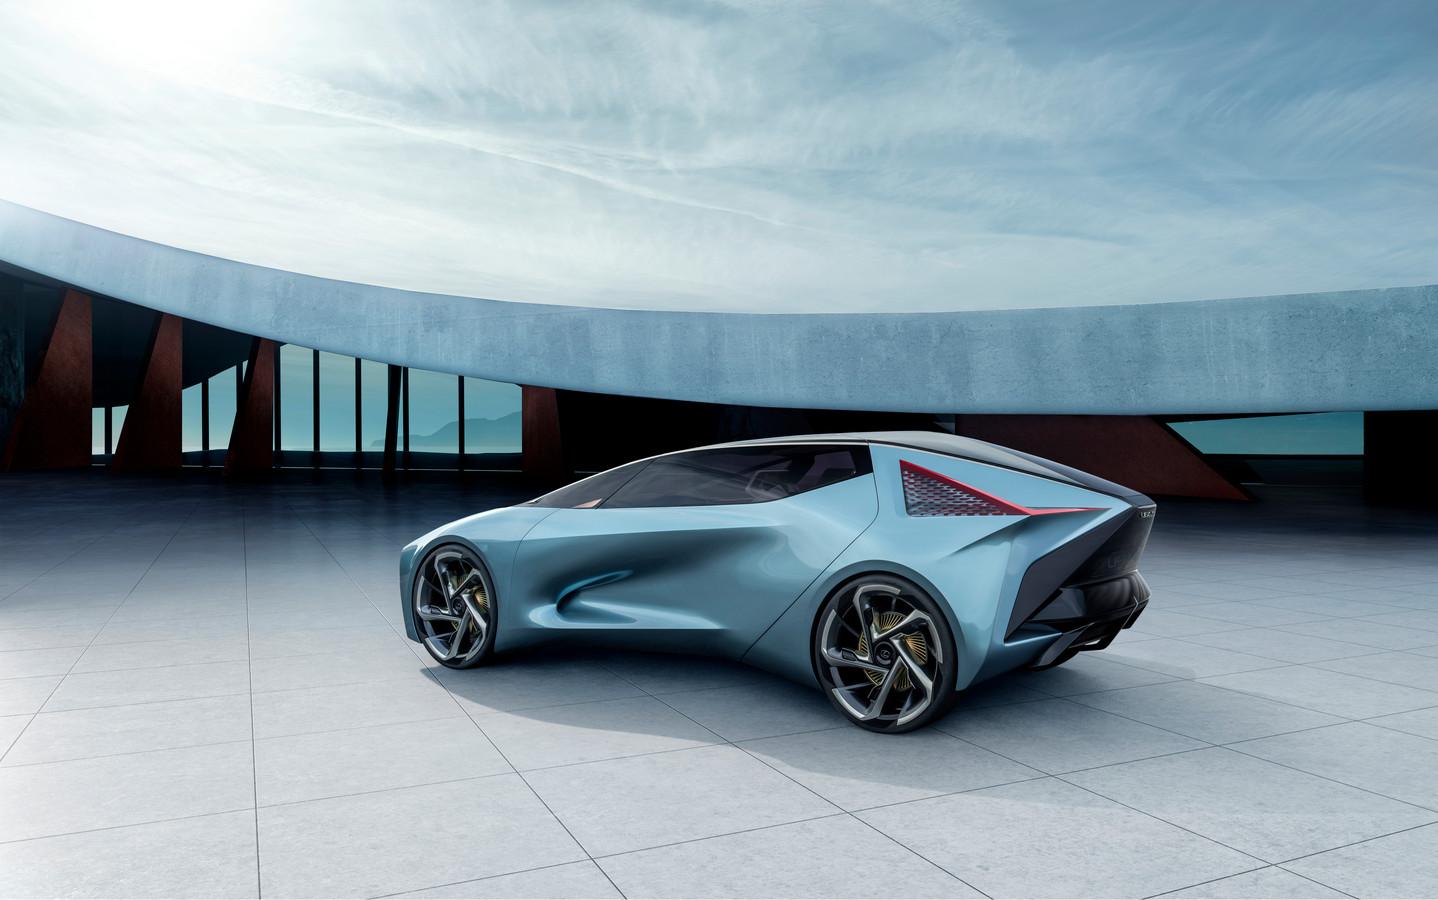 De Lexus LF-30 Concept